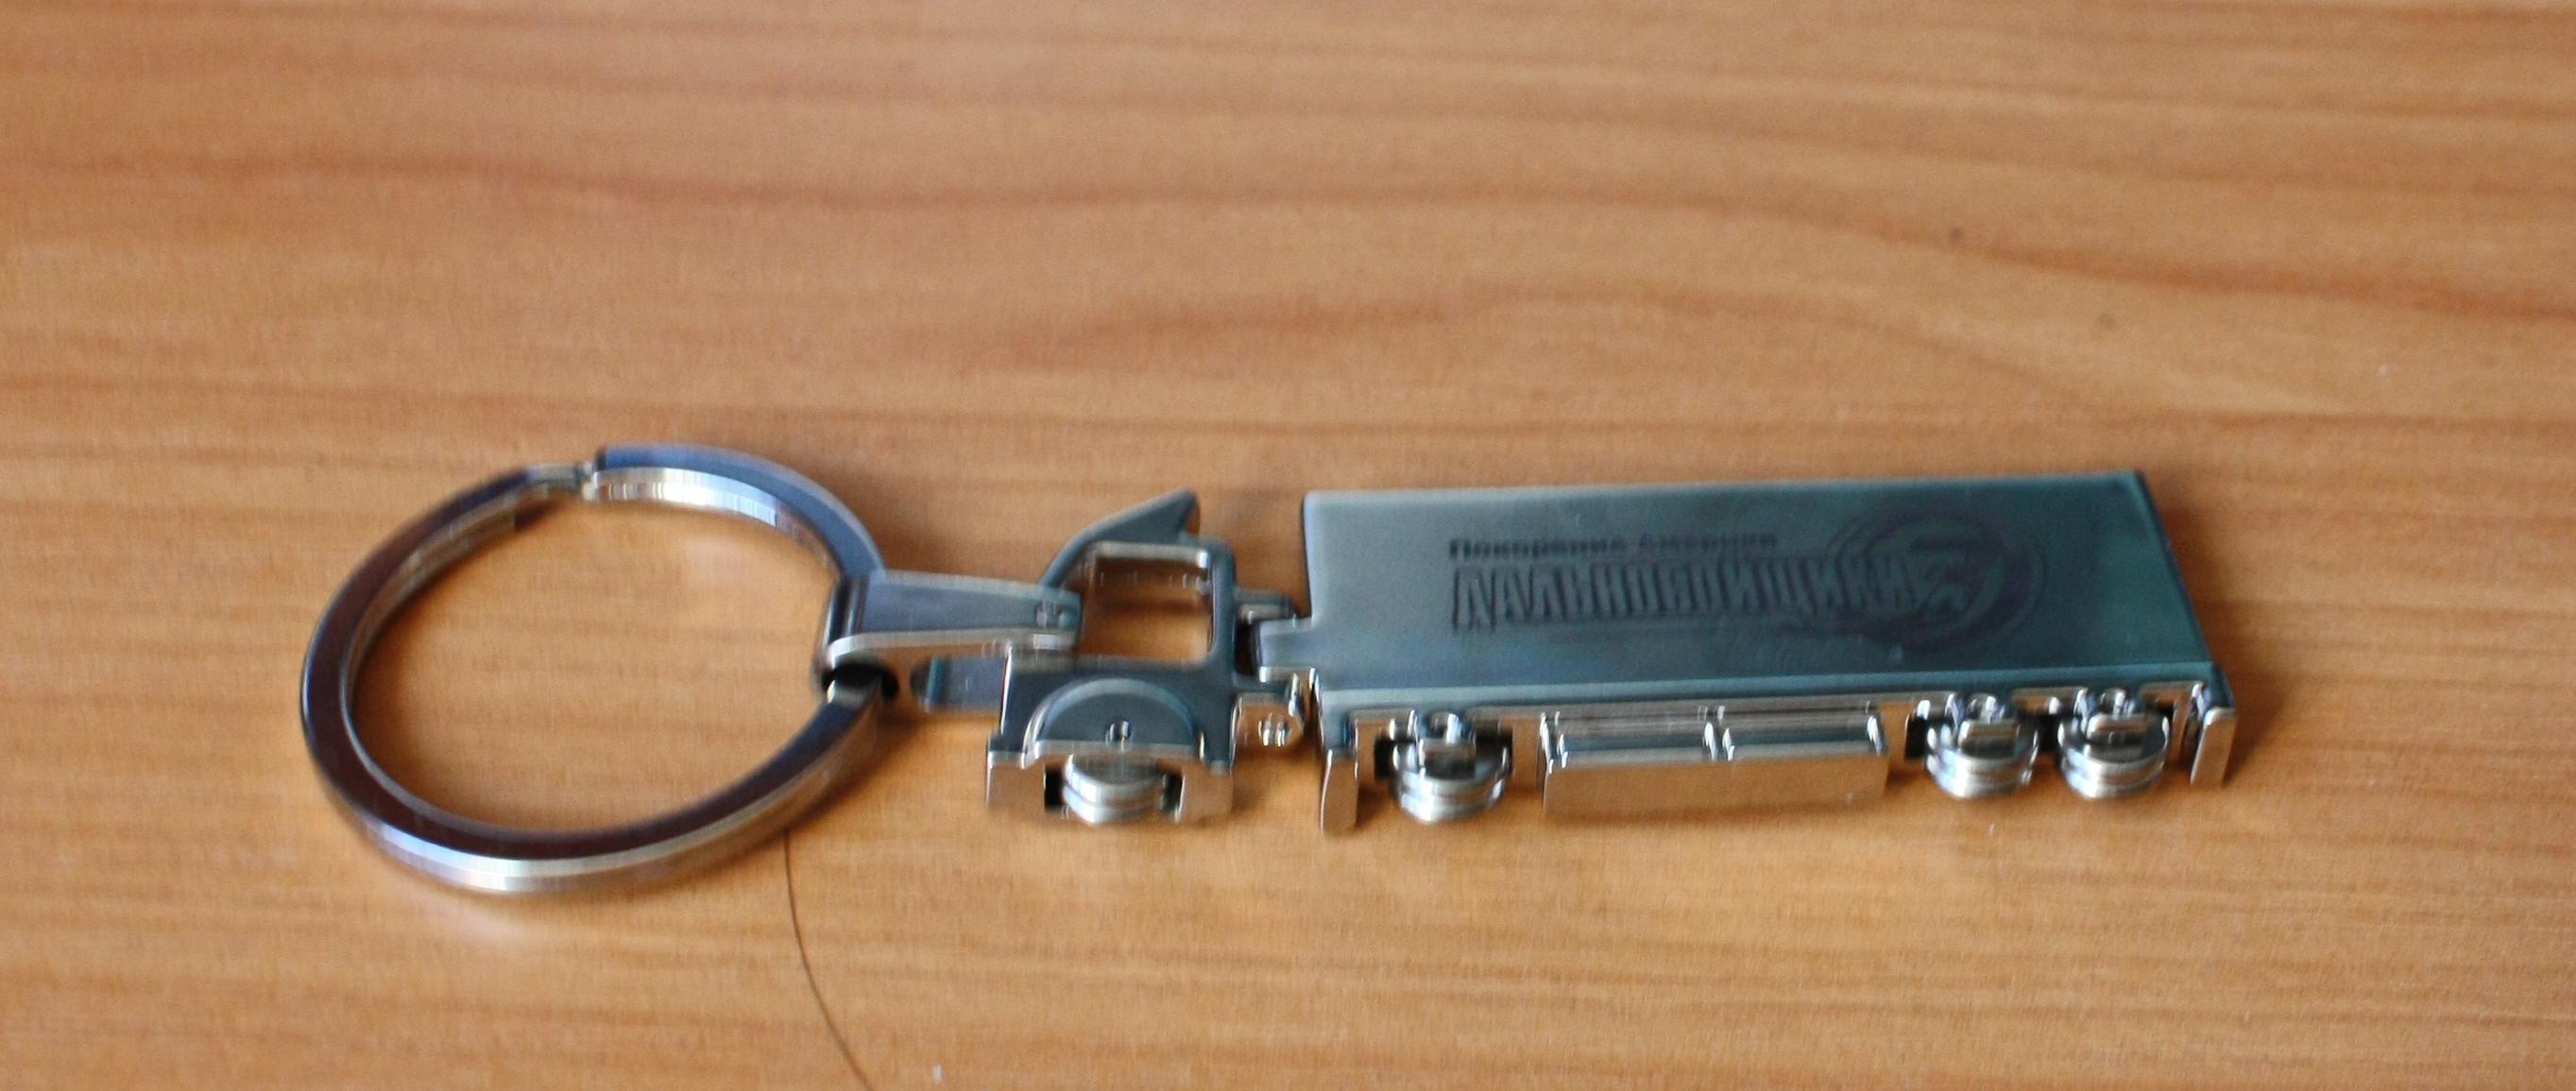 генератор ключей для дальнобойщиков 3 покорение америки